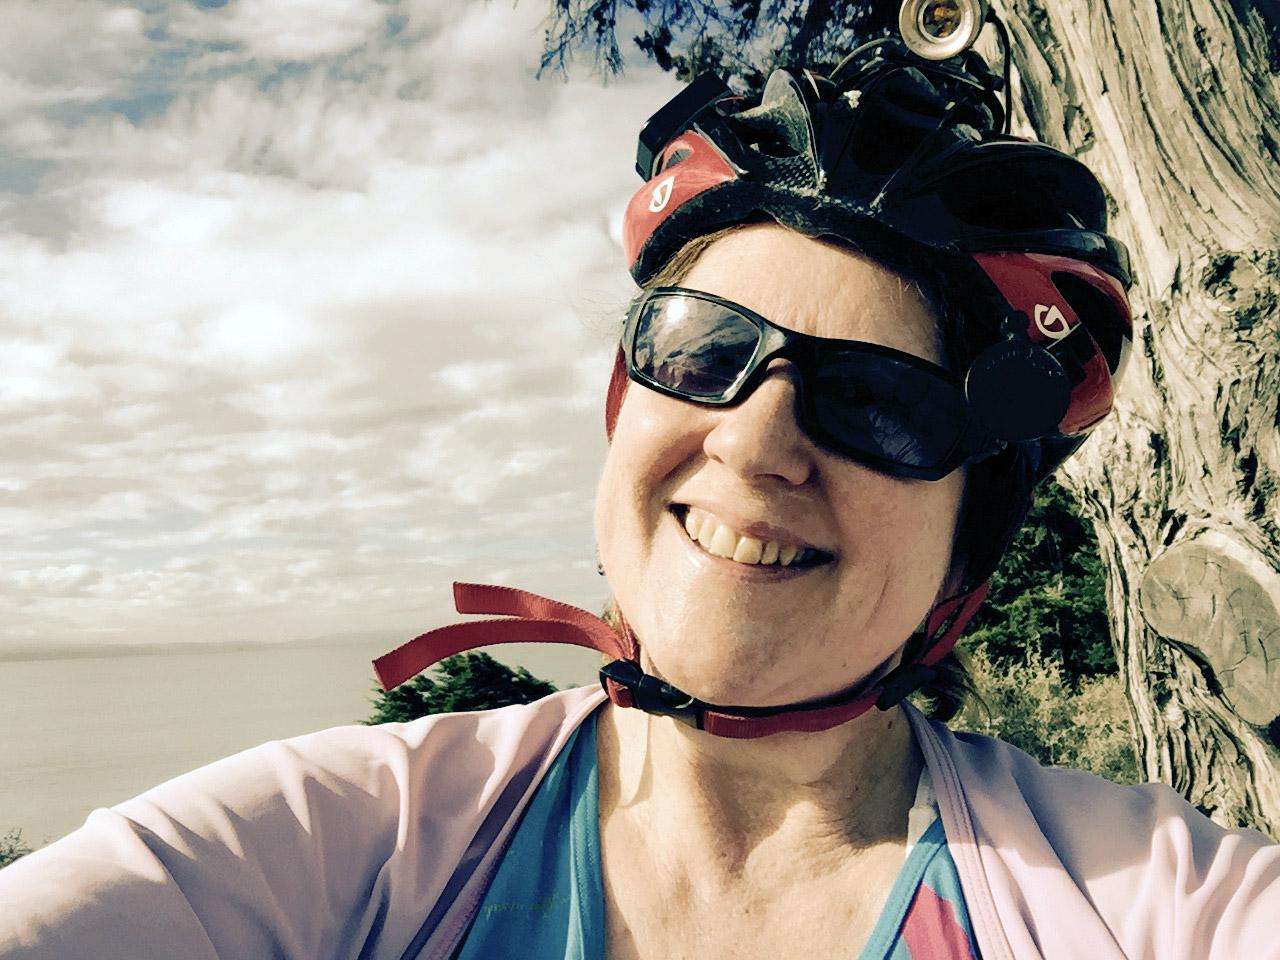 Laurie in bike gear near the sea